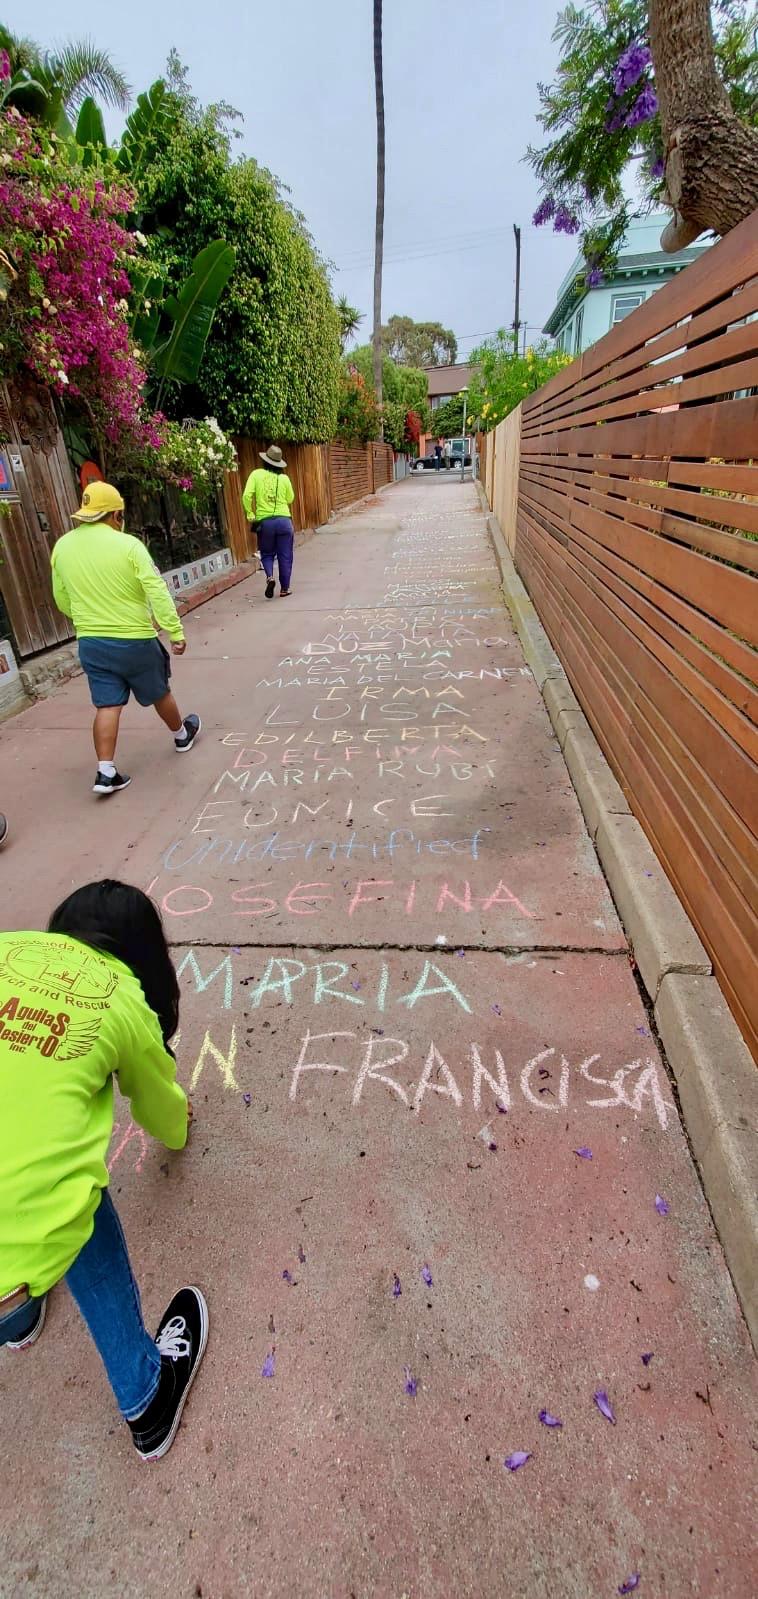 Names in chalk on a sidewalk